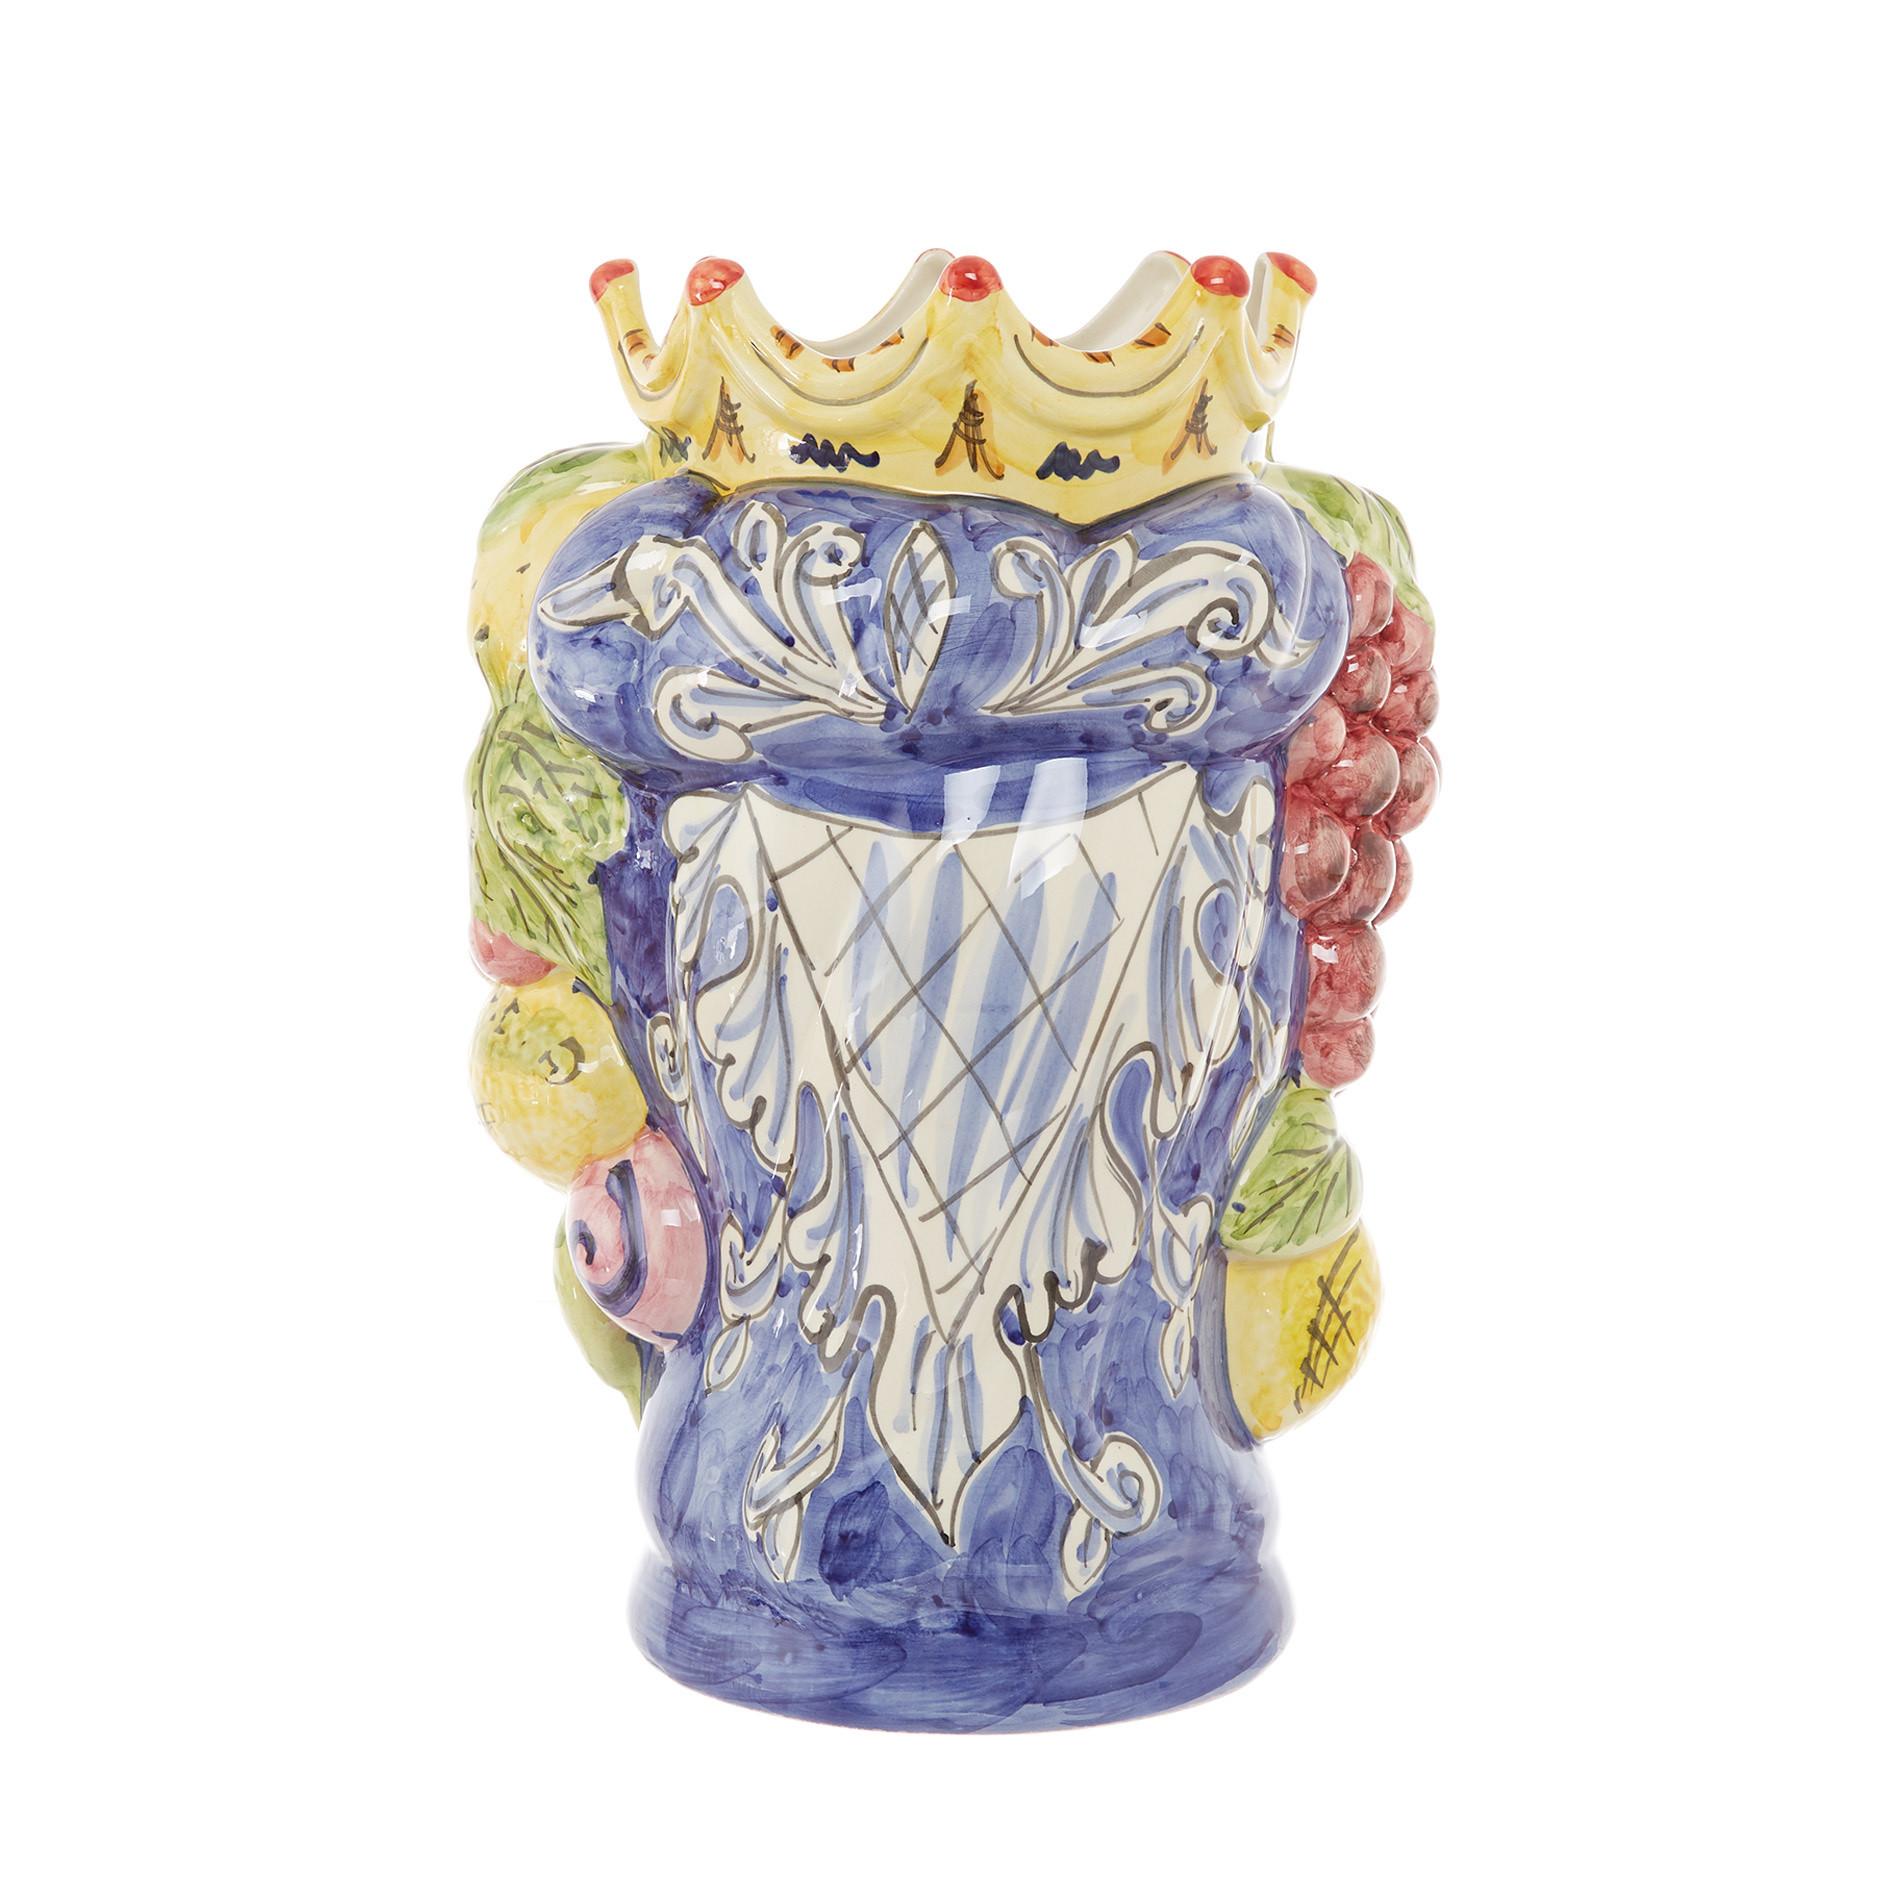 Testa di moro tradizionale by Ceramiche Siciliane Ruggeri, Multicolor, large image number 3